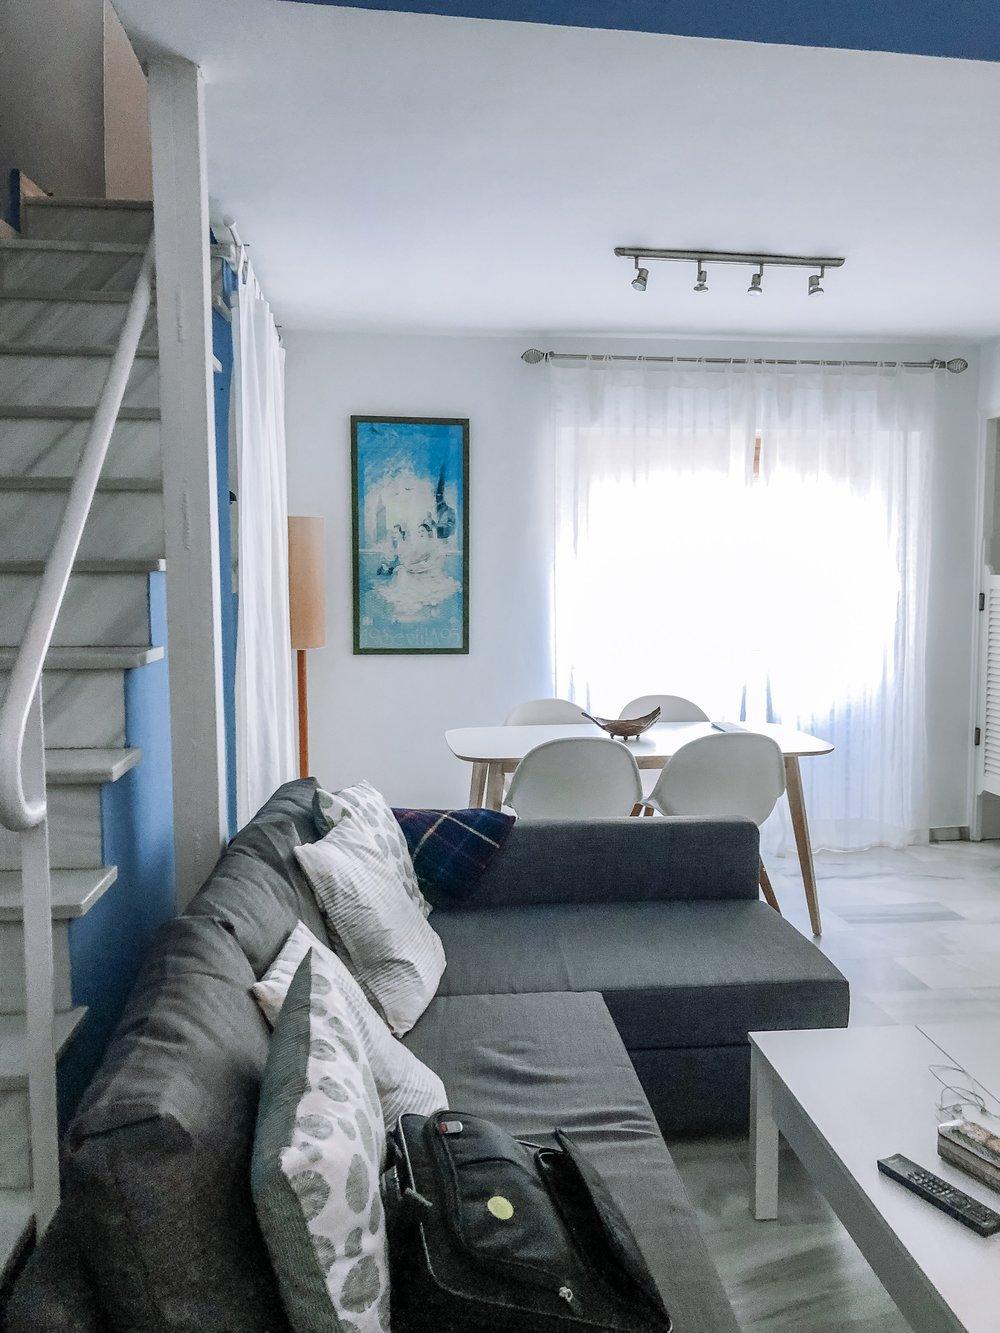 Seville, Spain airbnb –Kessler Ramirez